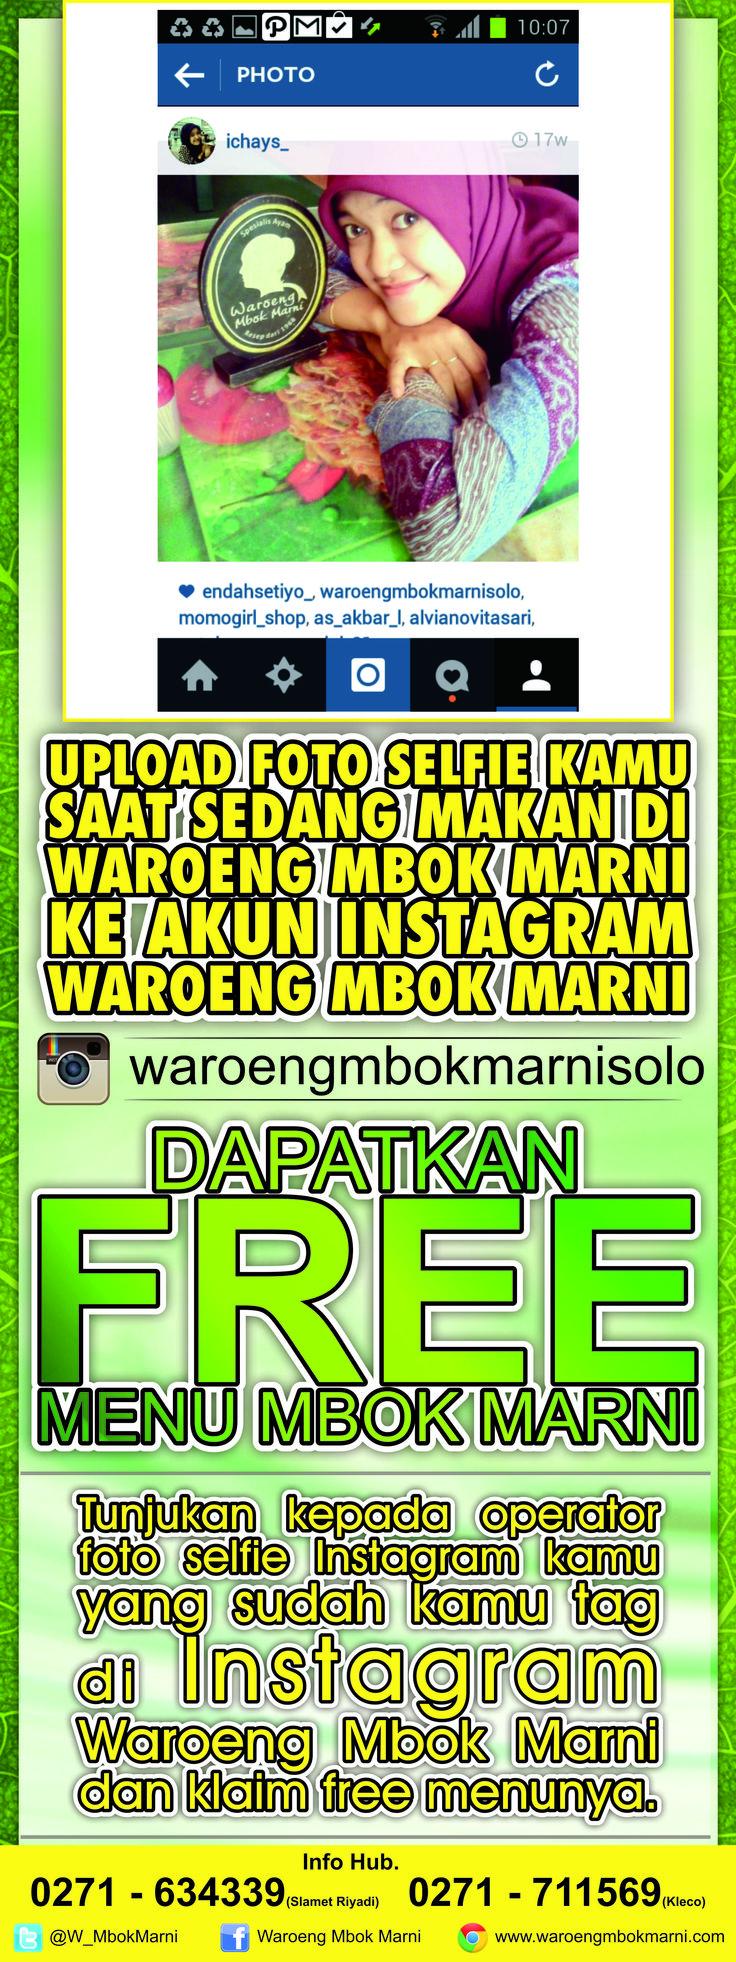 Promo free menu dengan cara follow Instagram Waroeng Mbok Marni Solo, kemudian upload & tag foto selfie anda dengan background Mbok Marni. Tunjukkan kekasir kami untuk mengklaim free menu, berlaku di Slamet Riyadi 121 Solo ( Depan SMP Bintang Laut ) & Slamet Riyadi 626 Kleco Solo ( Samping Warnet Goggle)